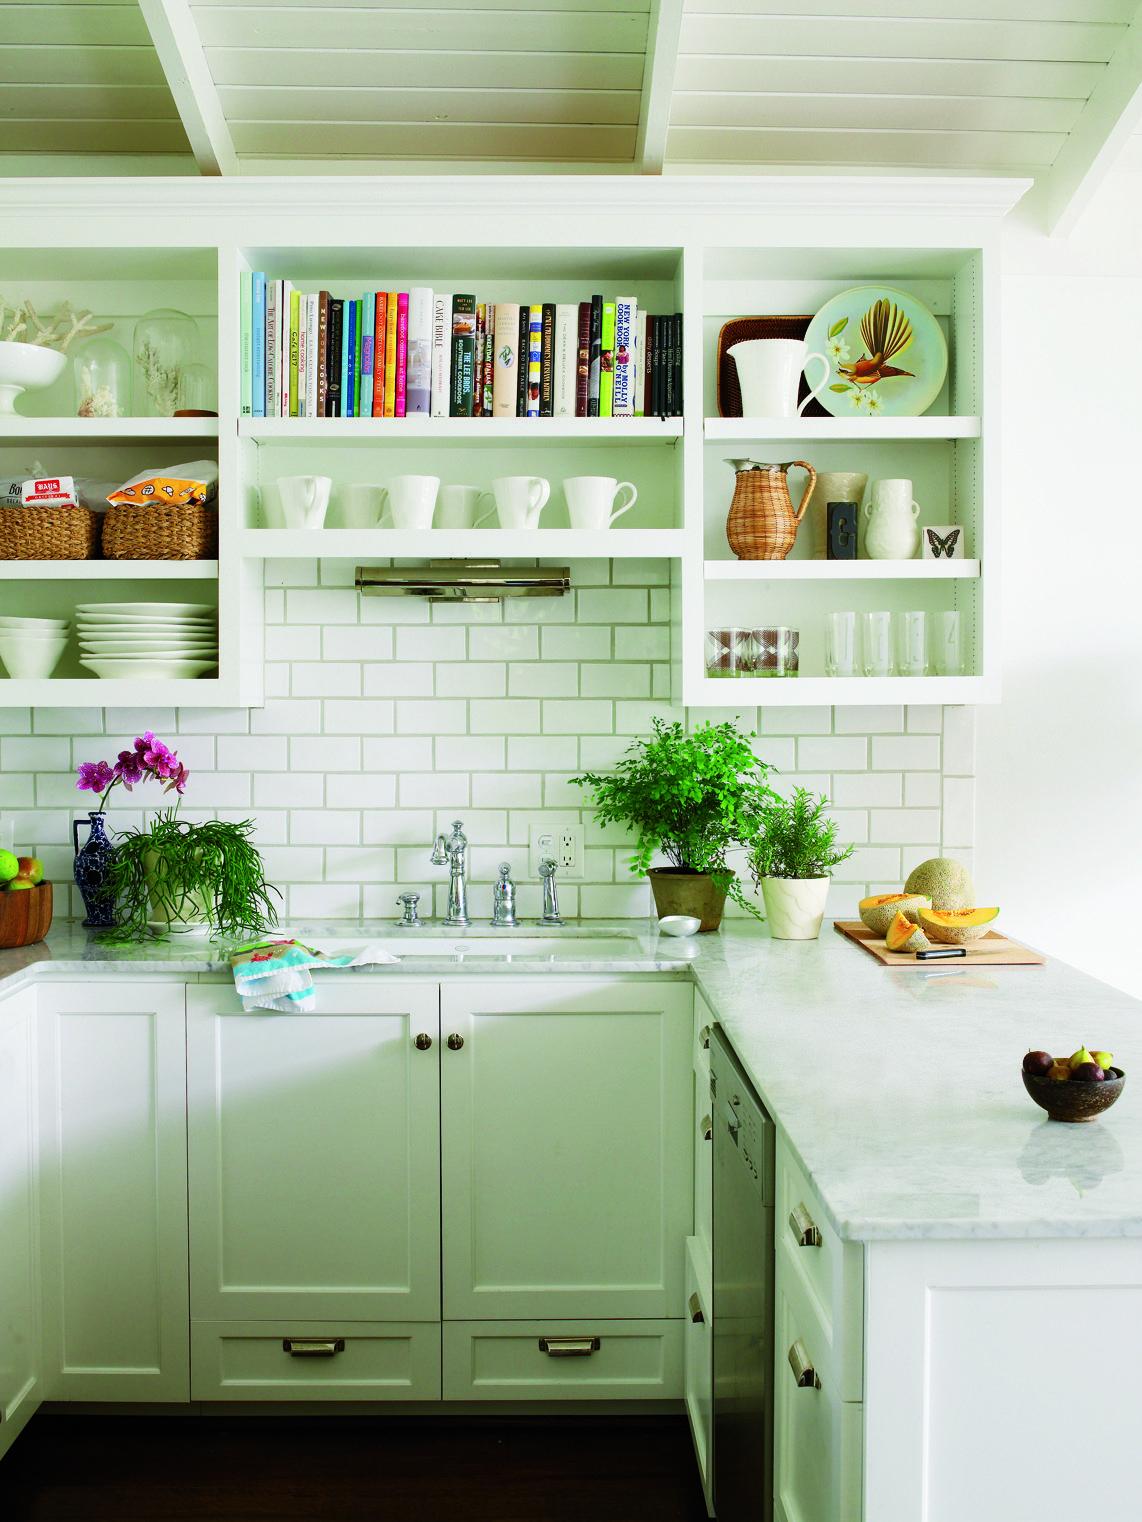 Charmant Low Cost Küche Renovieren Bilder Galerie - Küche Set Ideen ...